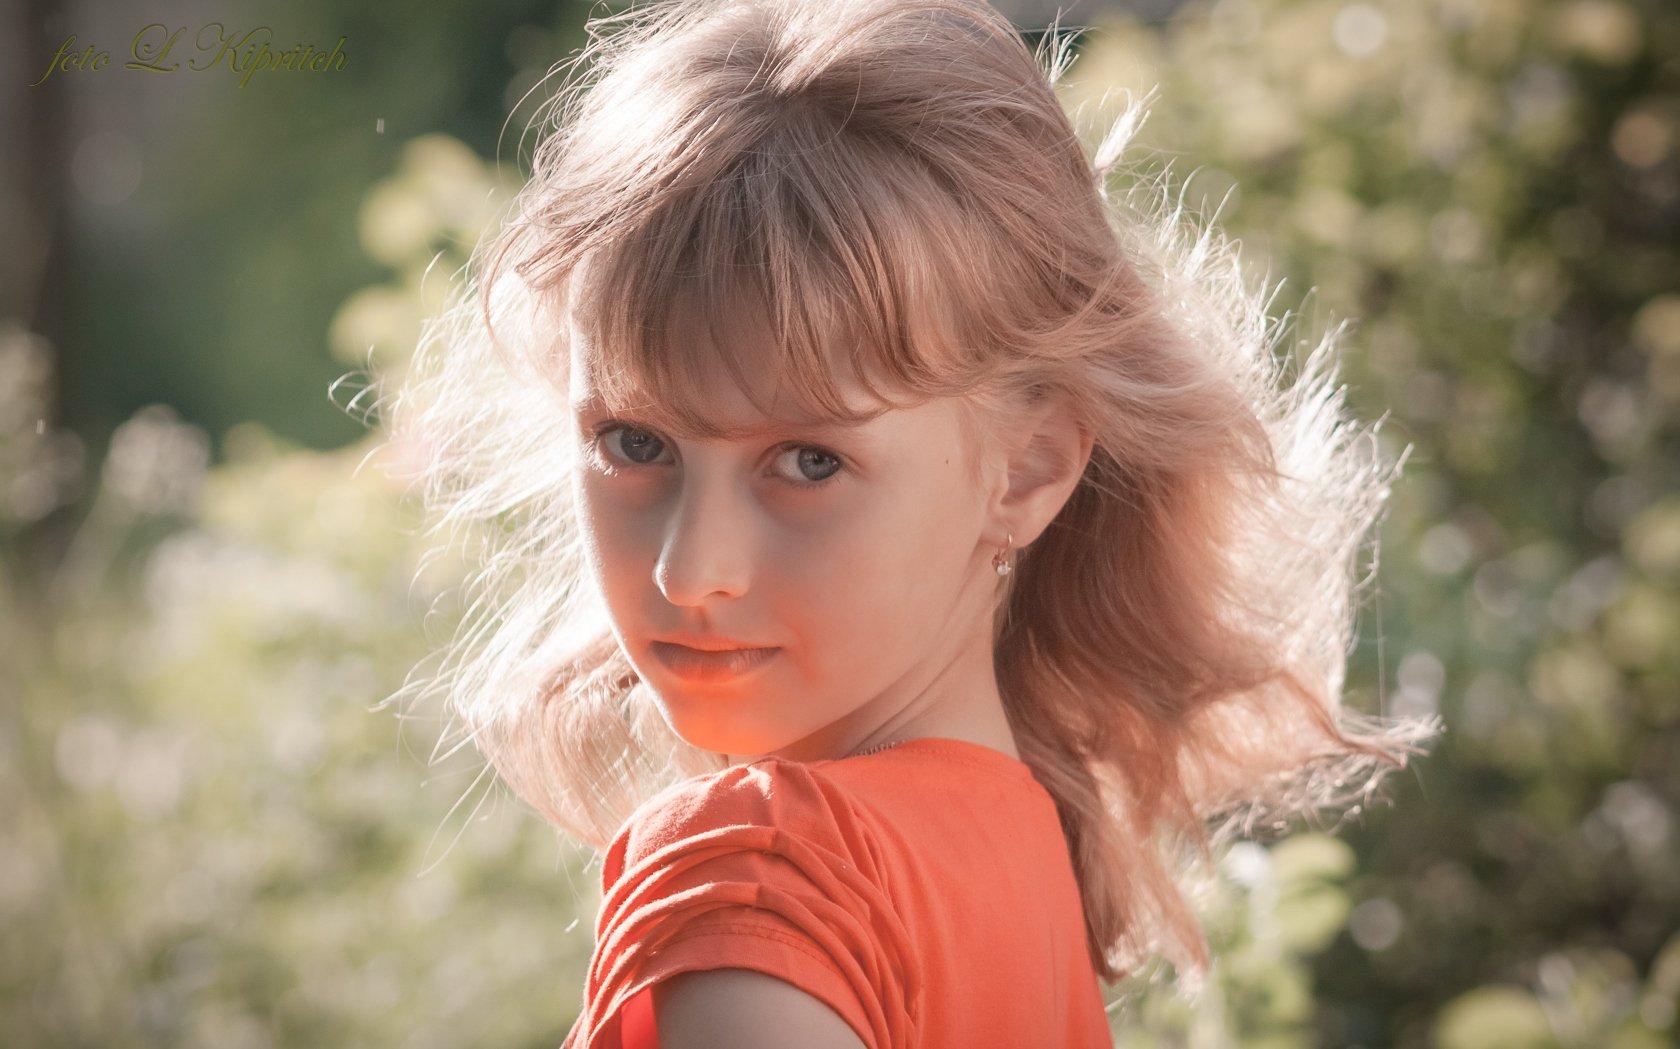 девочка,  гламур, жанр, искусство, лицо, креатив, портрет, фотография, фотосессия, свет, солнце,, Лидия Киприч